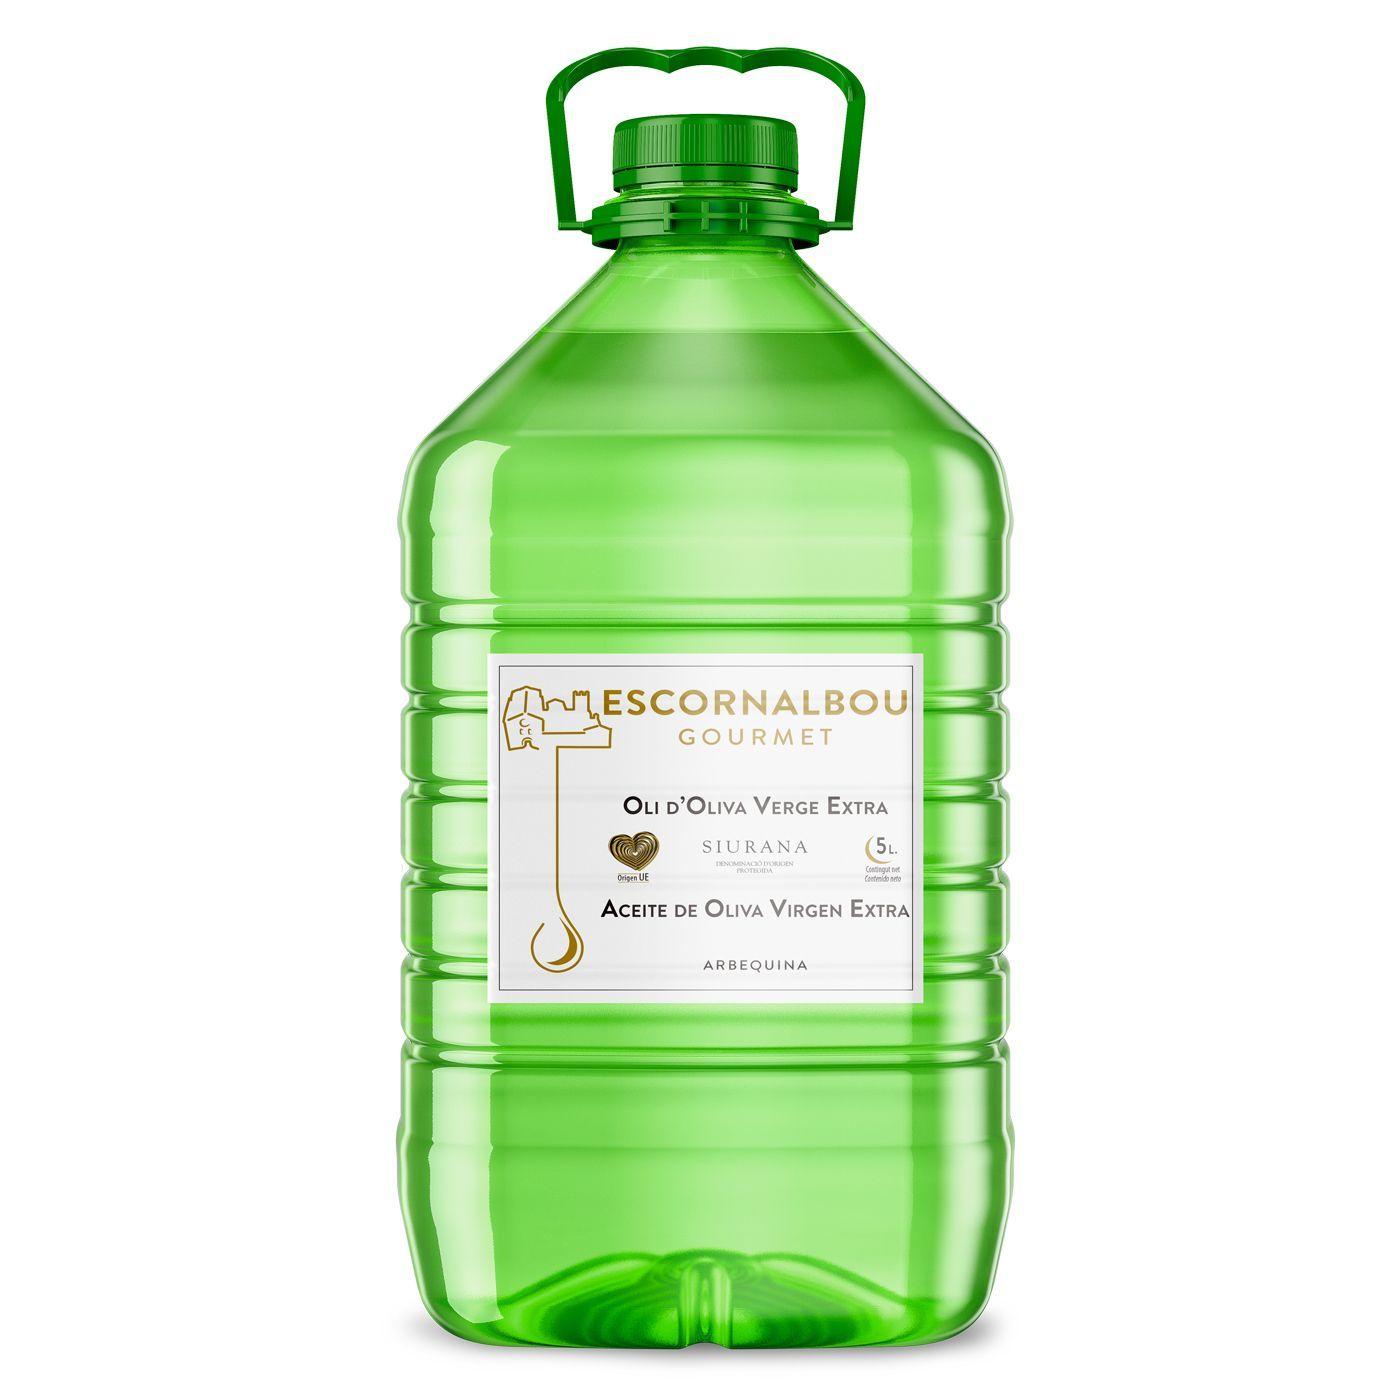 Comprar 5L Aceite De Oliva Virgen Extra 100% Arbequina - Garrafa PET | Escornalbou Gourmet - AOVE de auténtica calidad Gourmet con propiedades cardiosaludables. Producto certificado. Auténtico ORO Líquido.